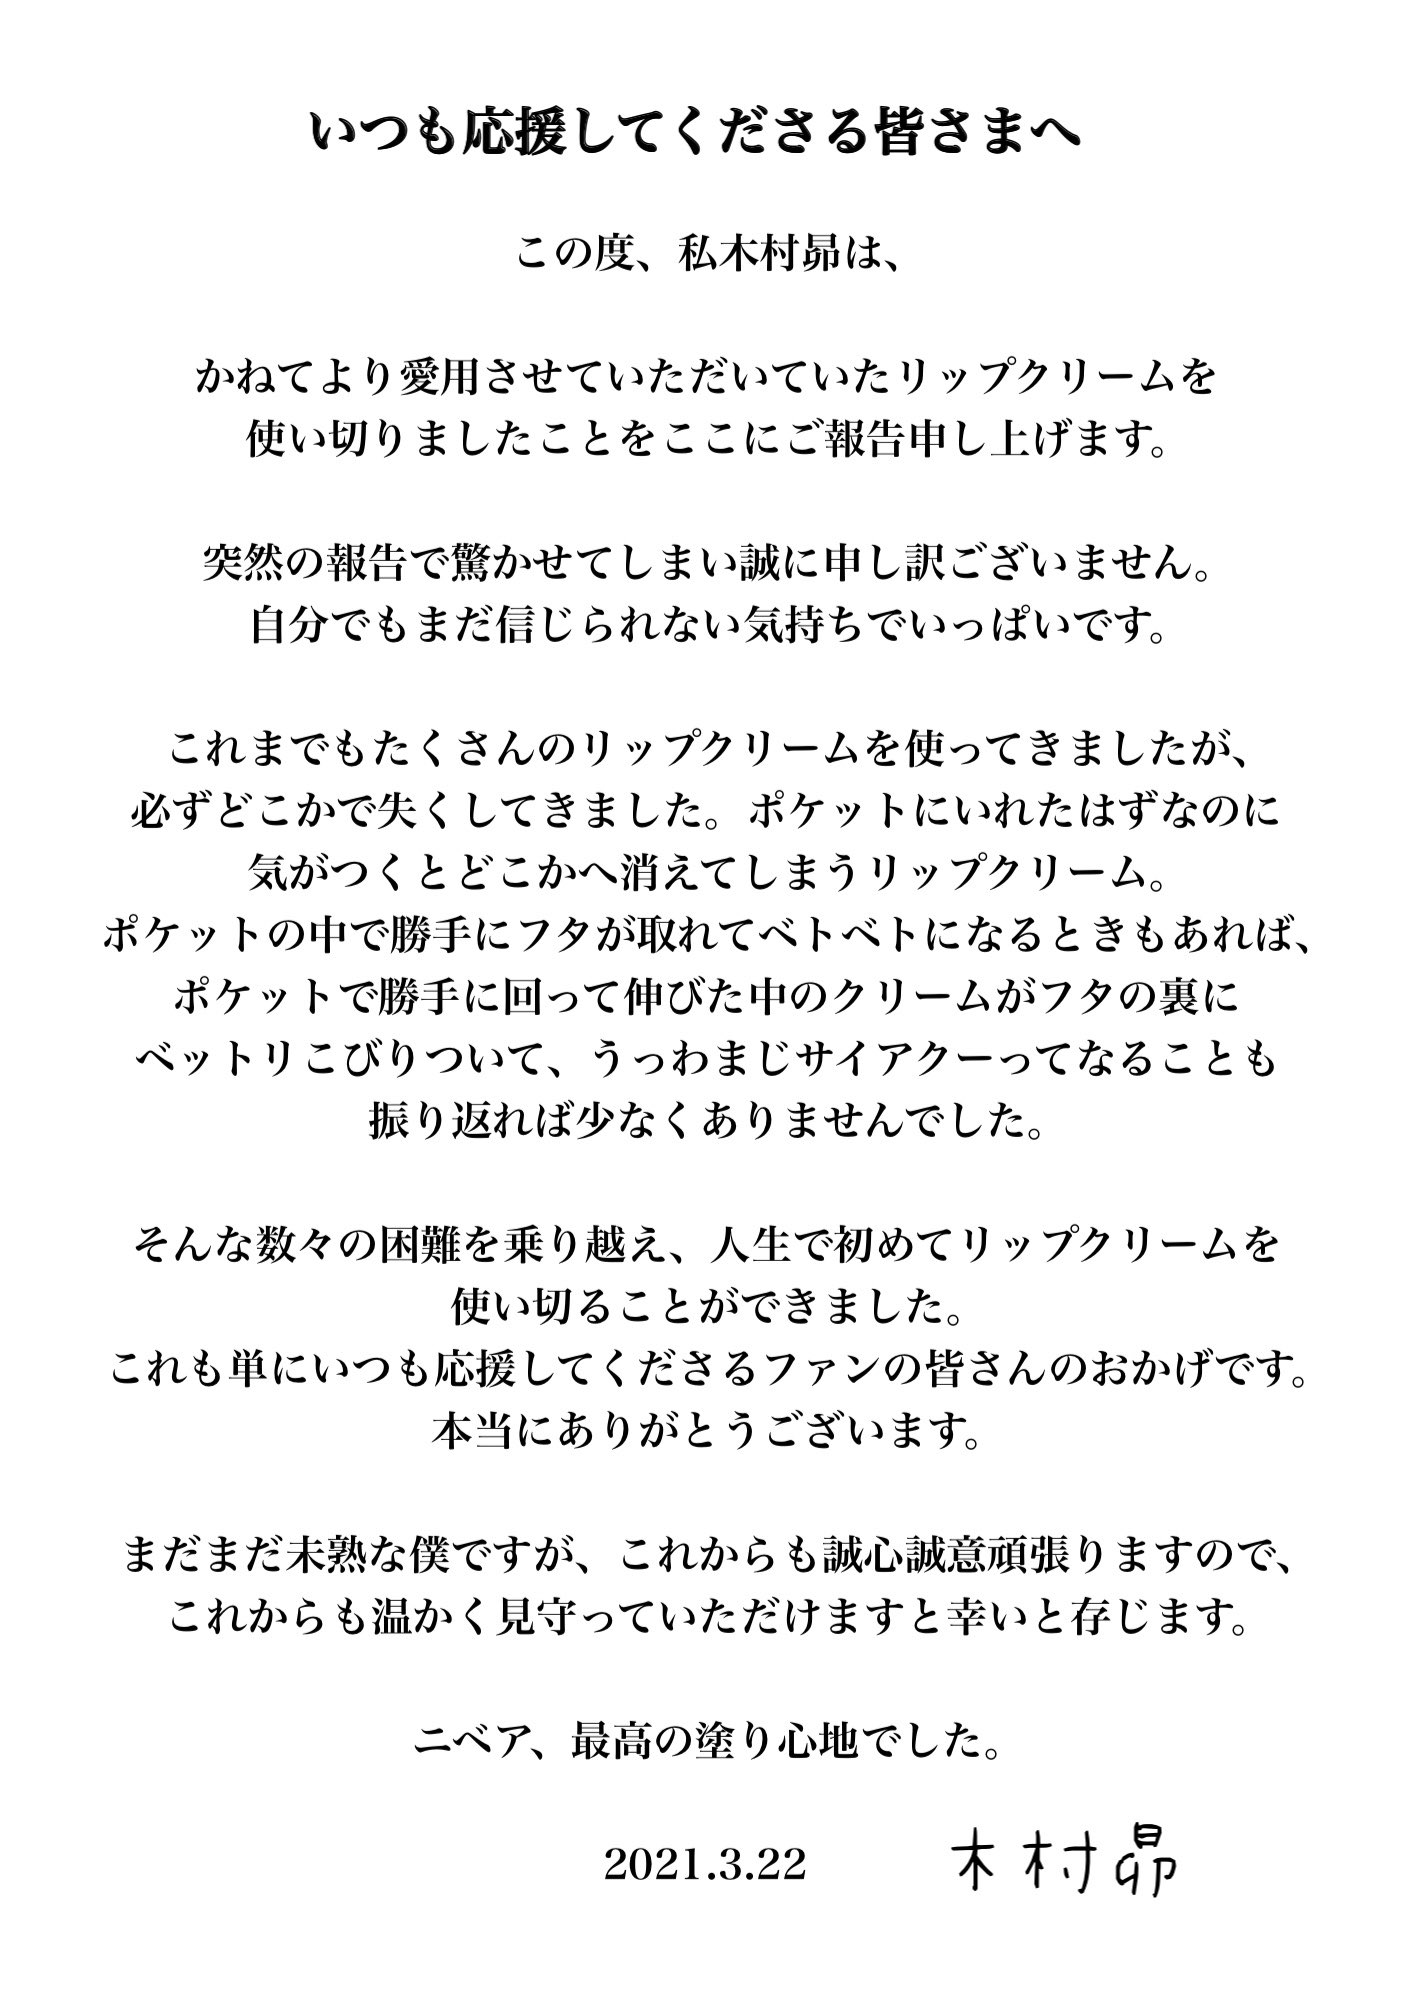 声優・木村昴さんから重大発表!「いつも応援してくださる皆さまへ」